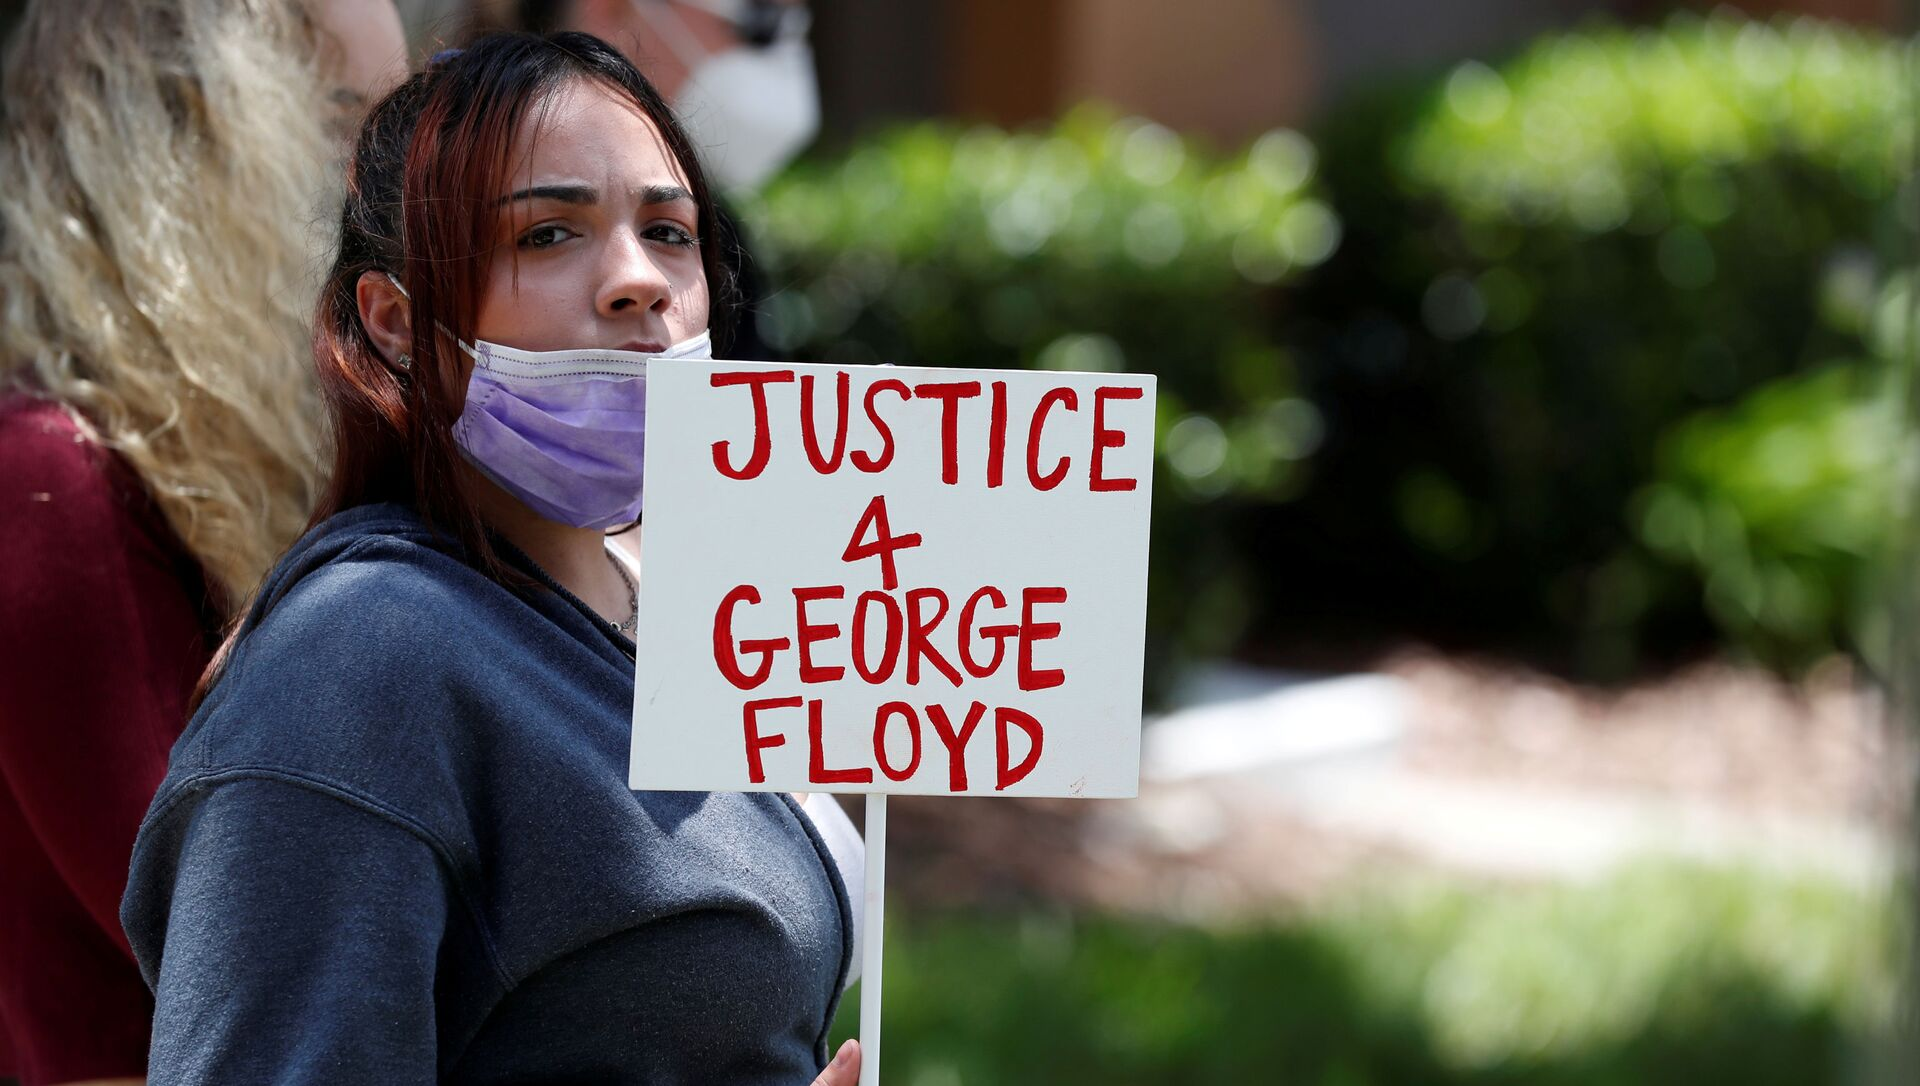 Une manifestante réclamant la justice pour George Floyd - Sputnik France, 1920, 13.03.2021